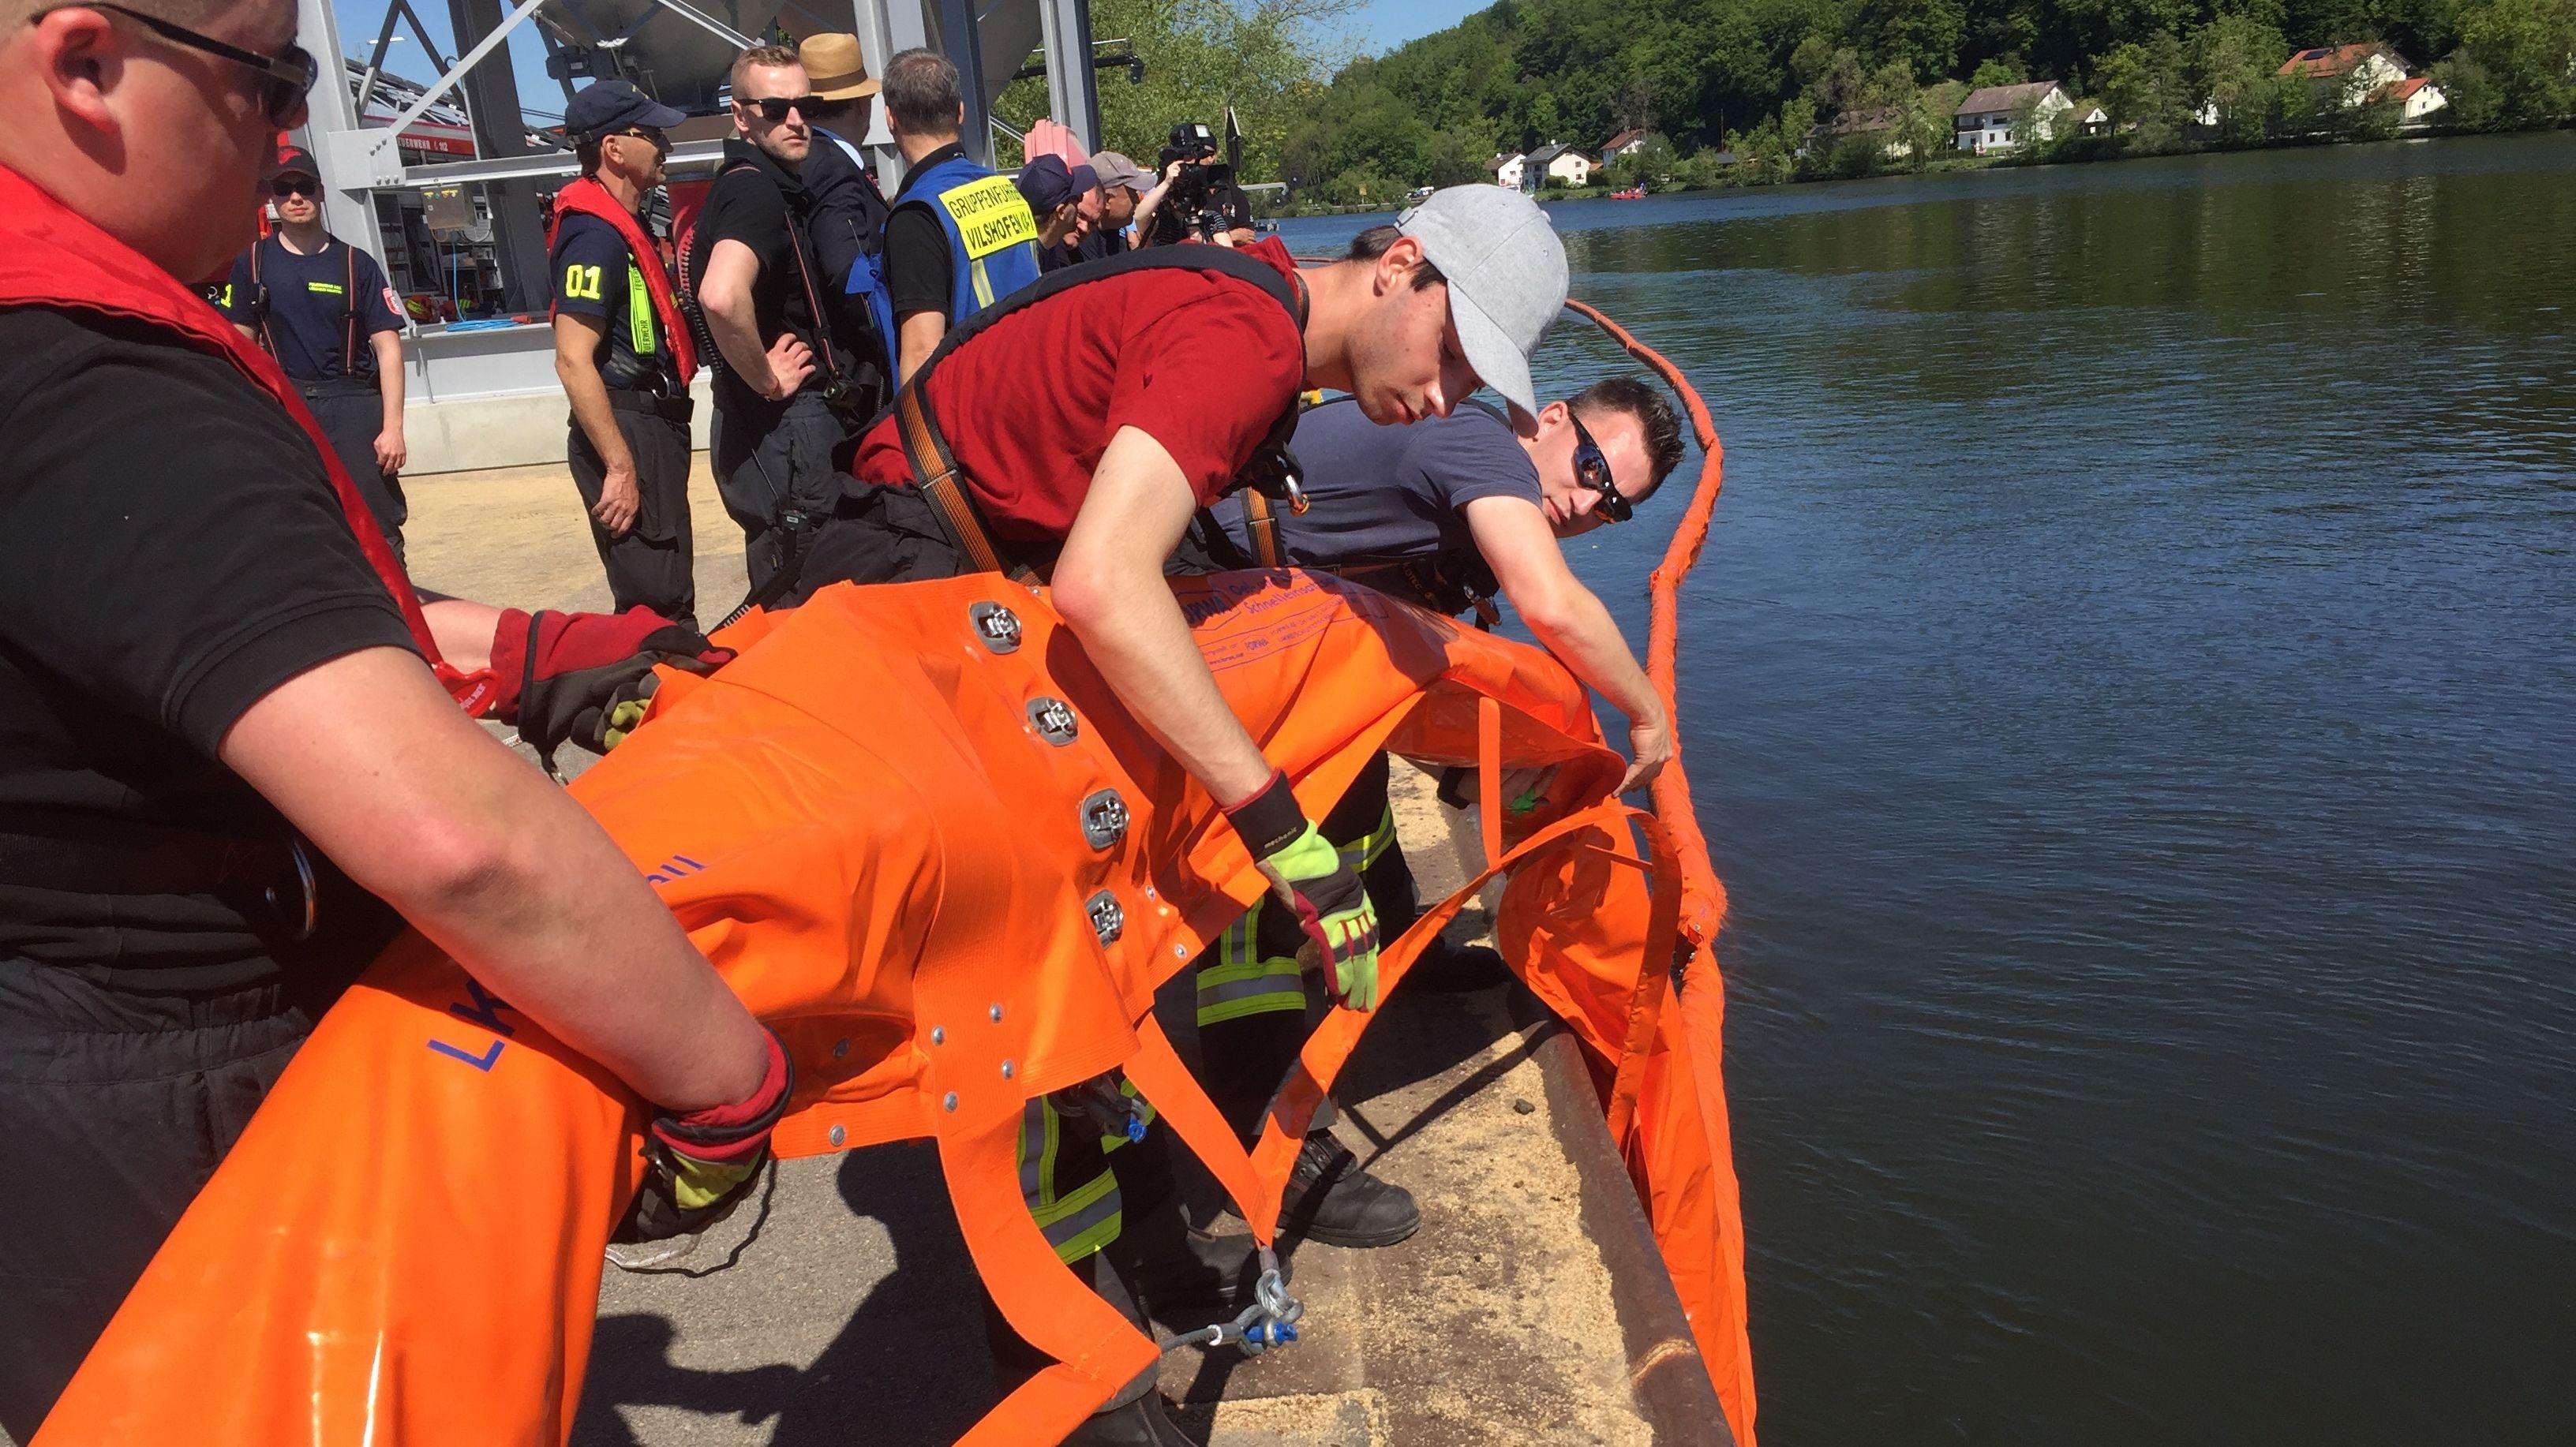 Einsatzkräfte lassen Ölsperre zu Wasser.